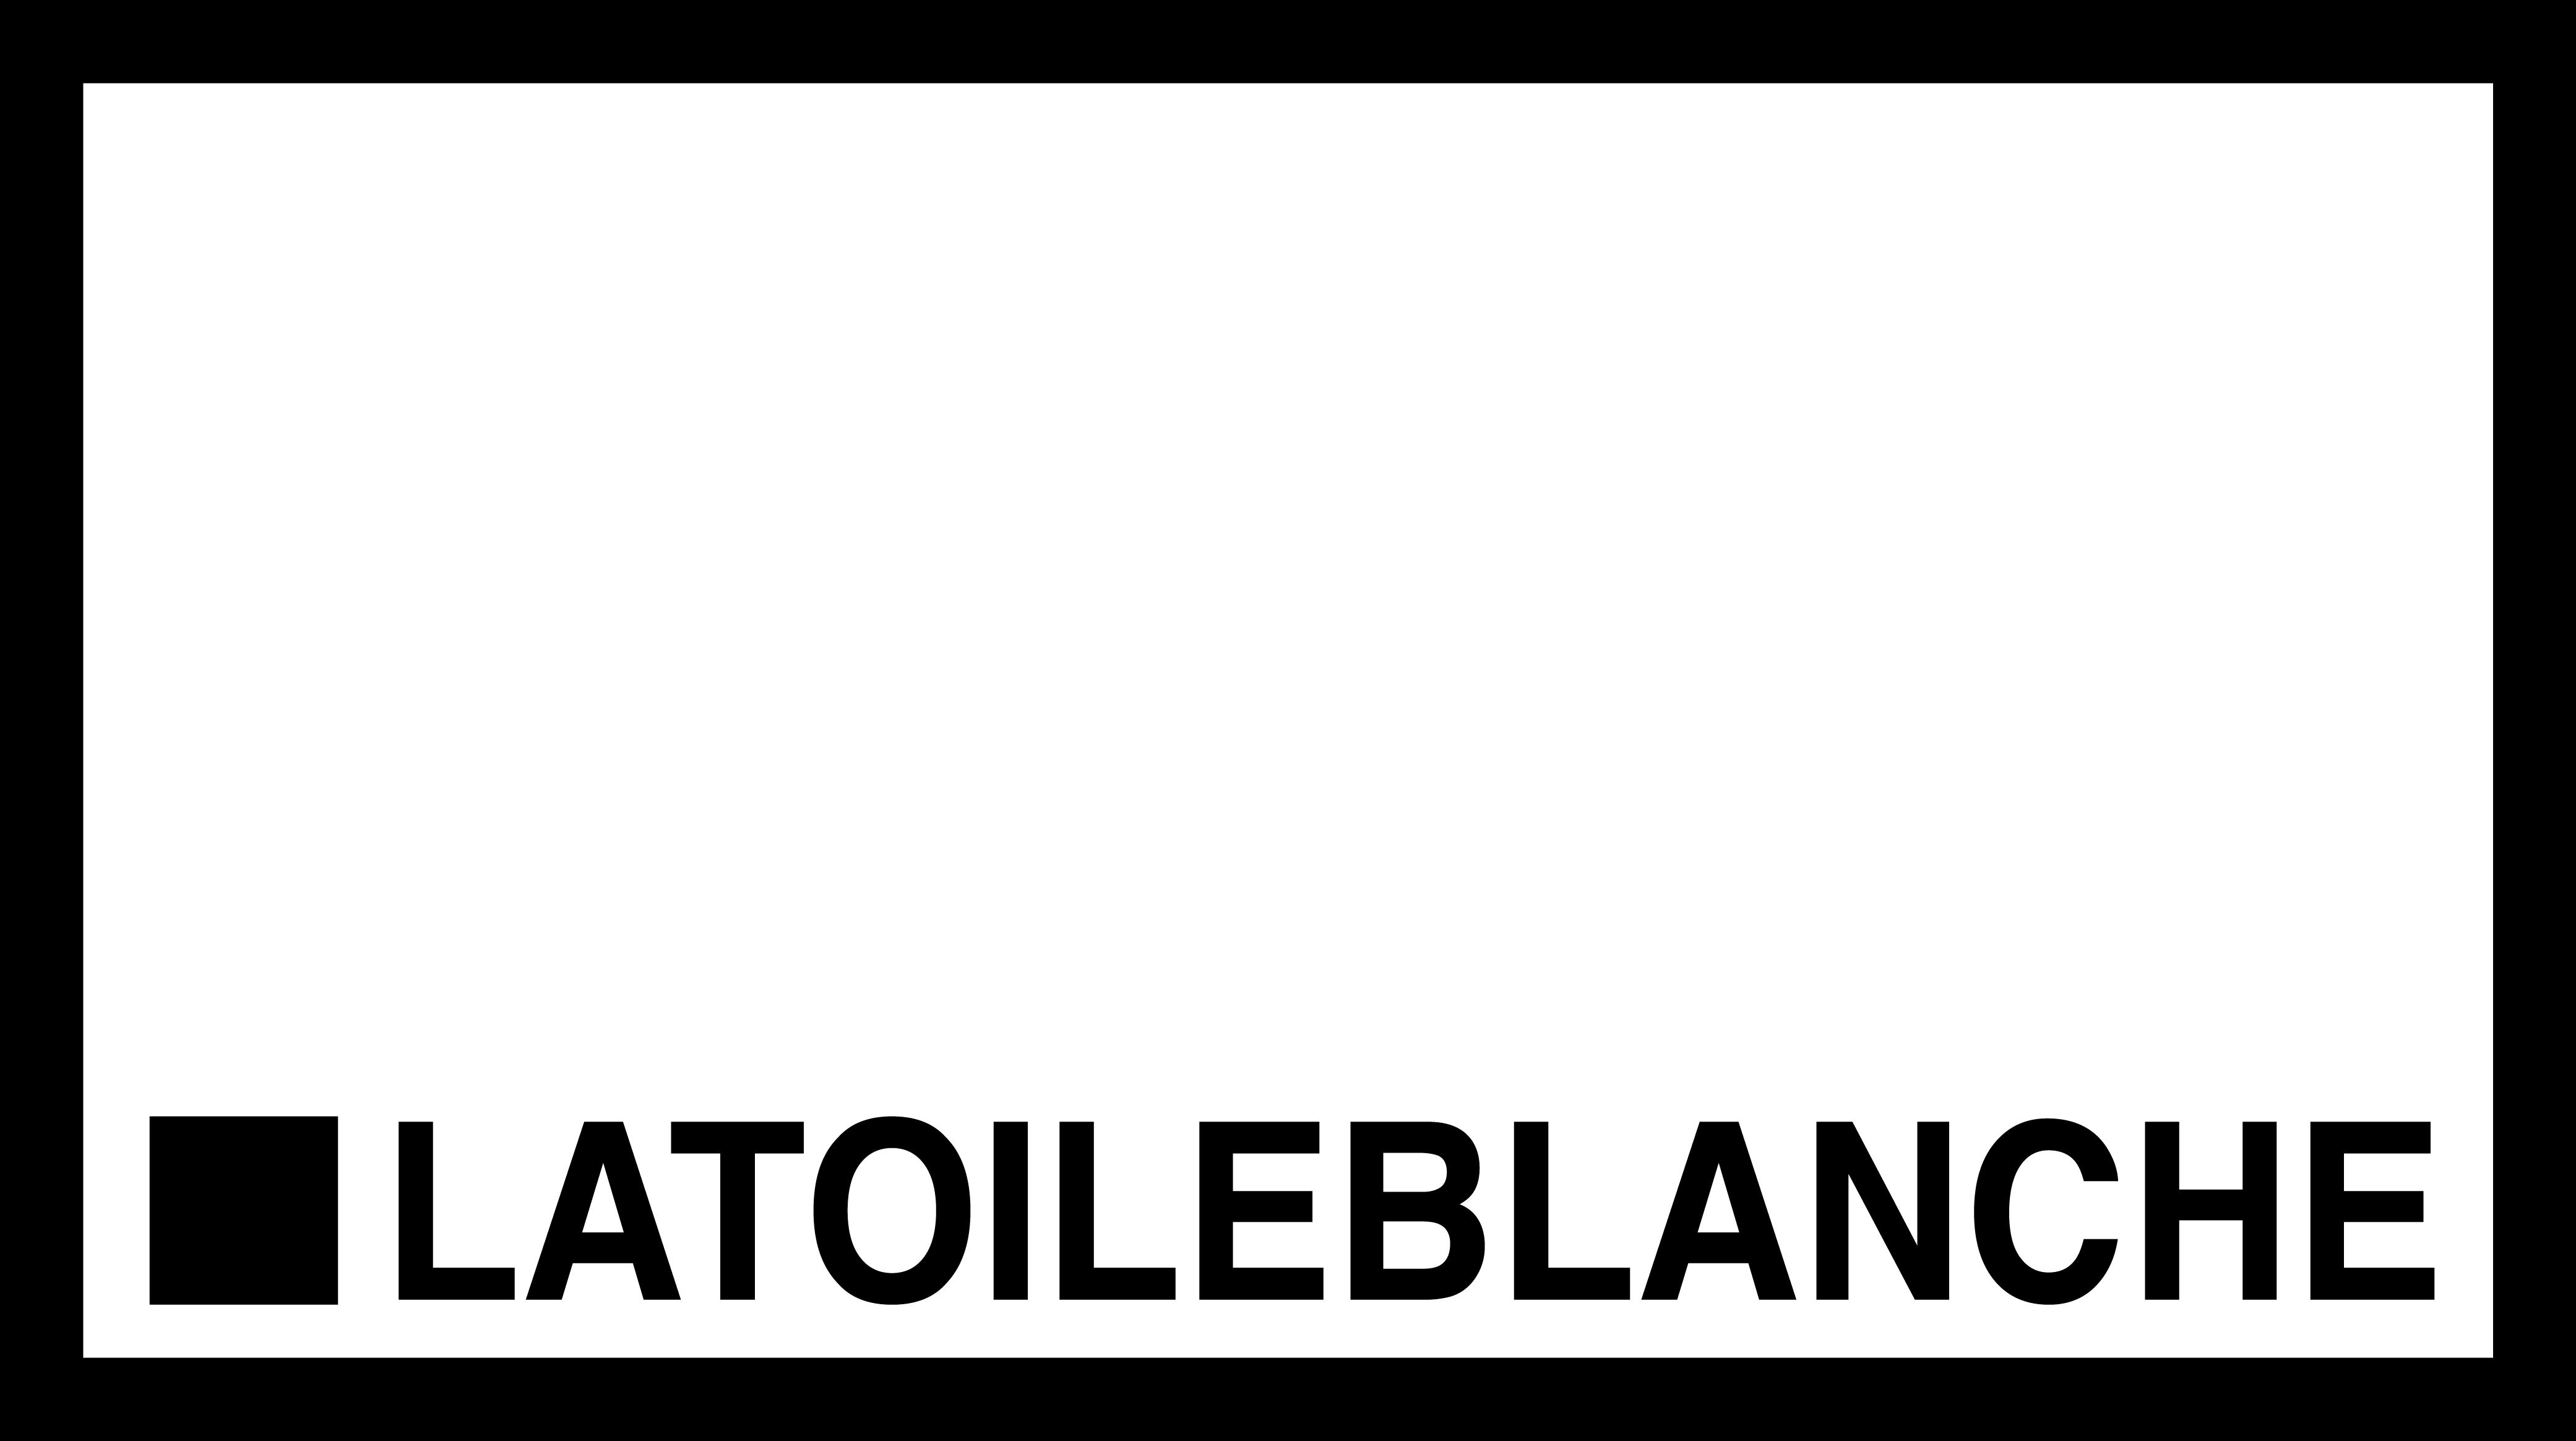 LaToileBlanche.tv